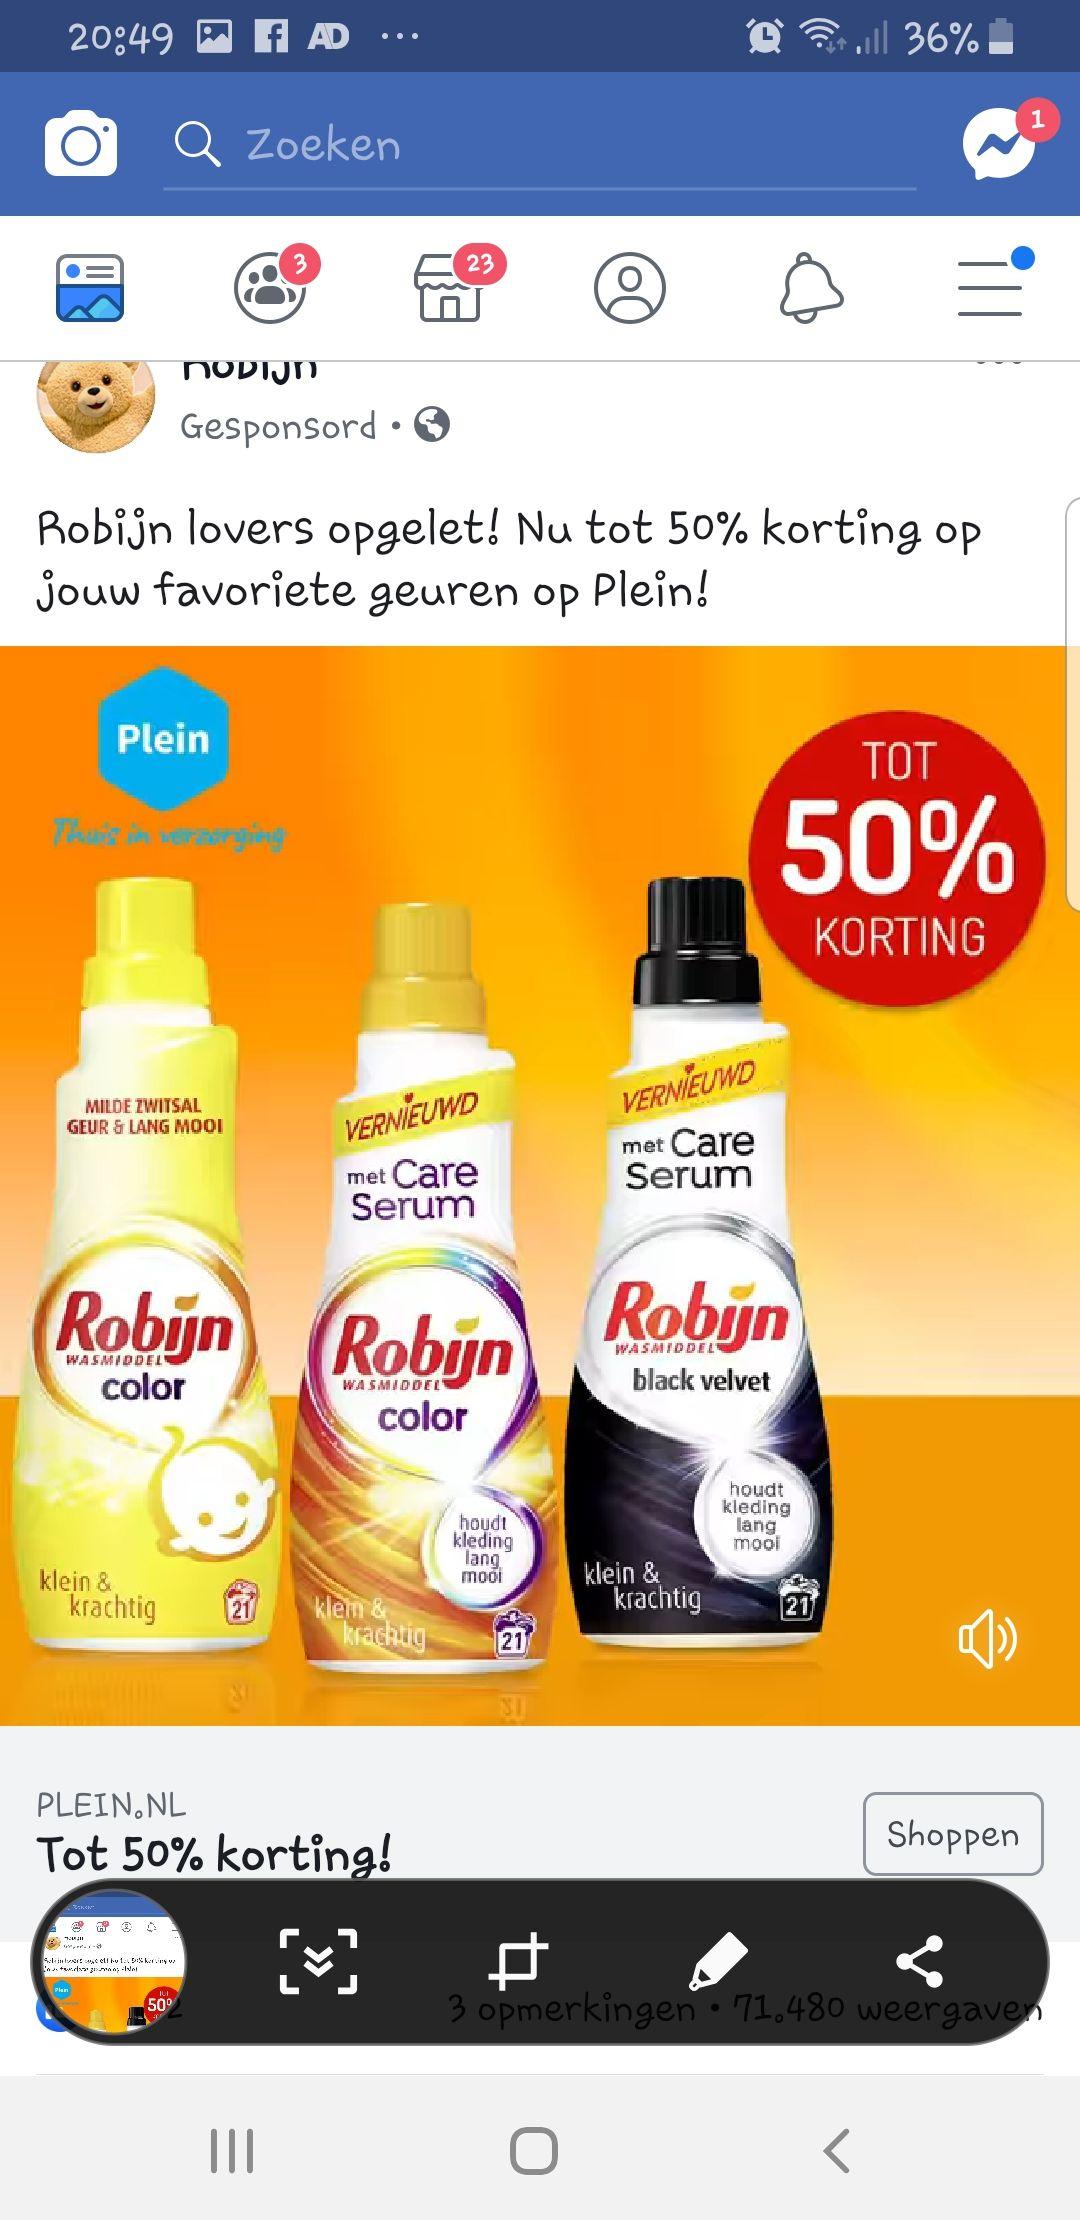 Online bij Plein.nl tot 50% korting op Robijn en meer...